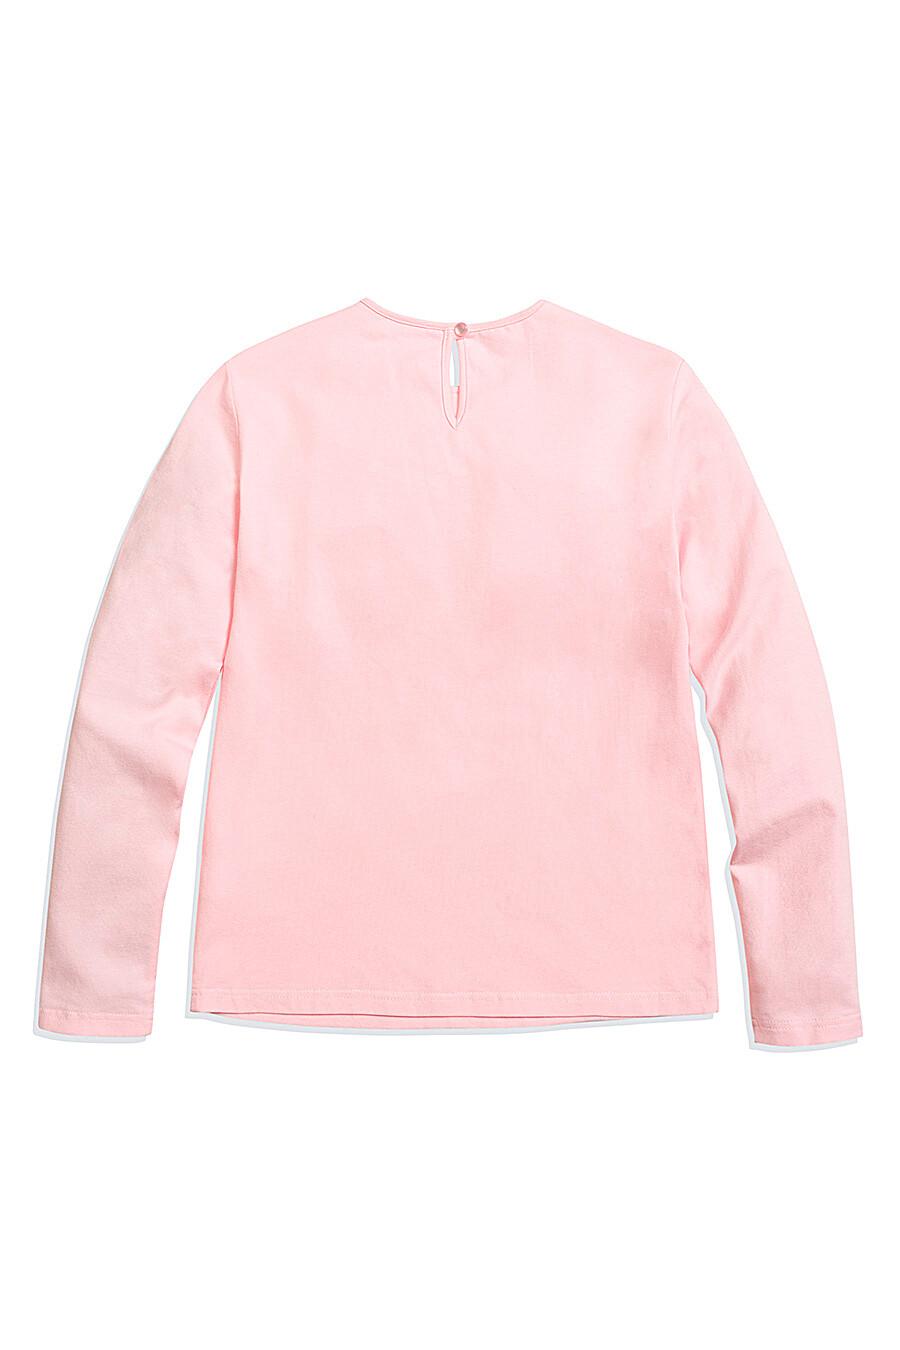 Блузка для девочек PELICAN 218527 купить оптом от производителя. Совместная покупка детской одежды в OptMoyo